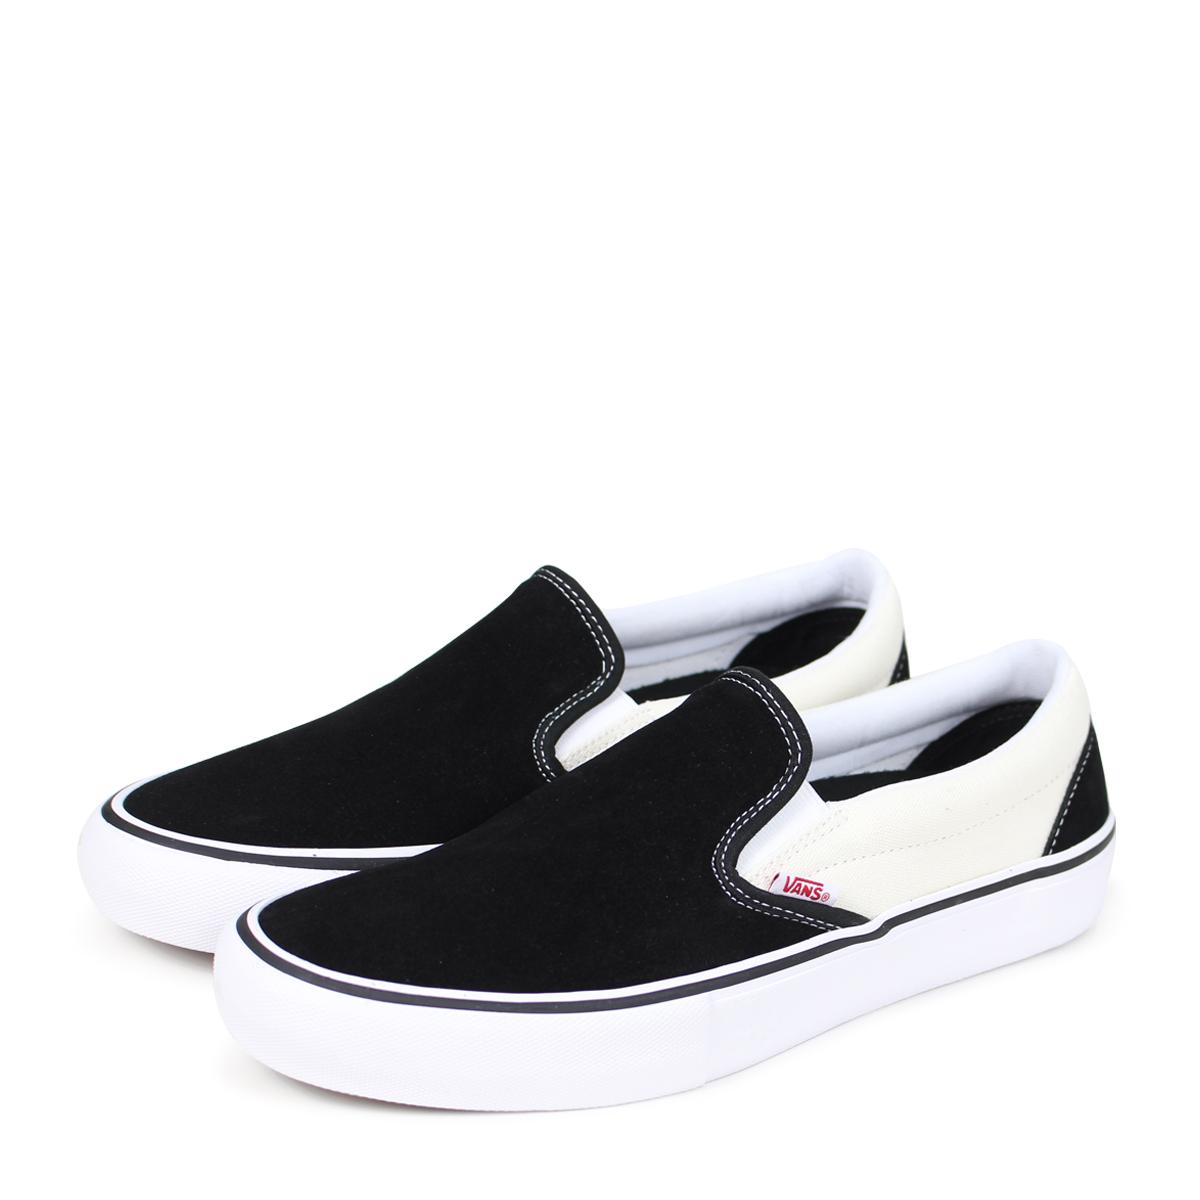 e484ab23175785 ALLSPORTS  VANS SLIP-ON PRO slip-ons sneakers men vans station ...